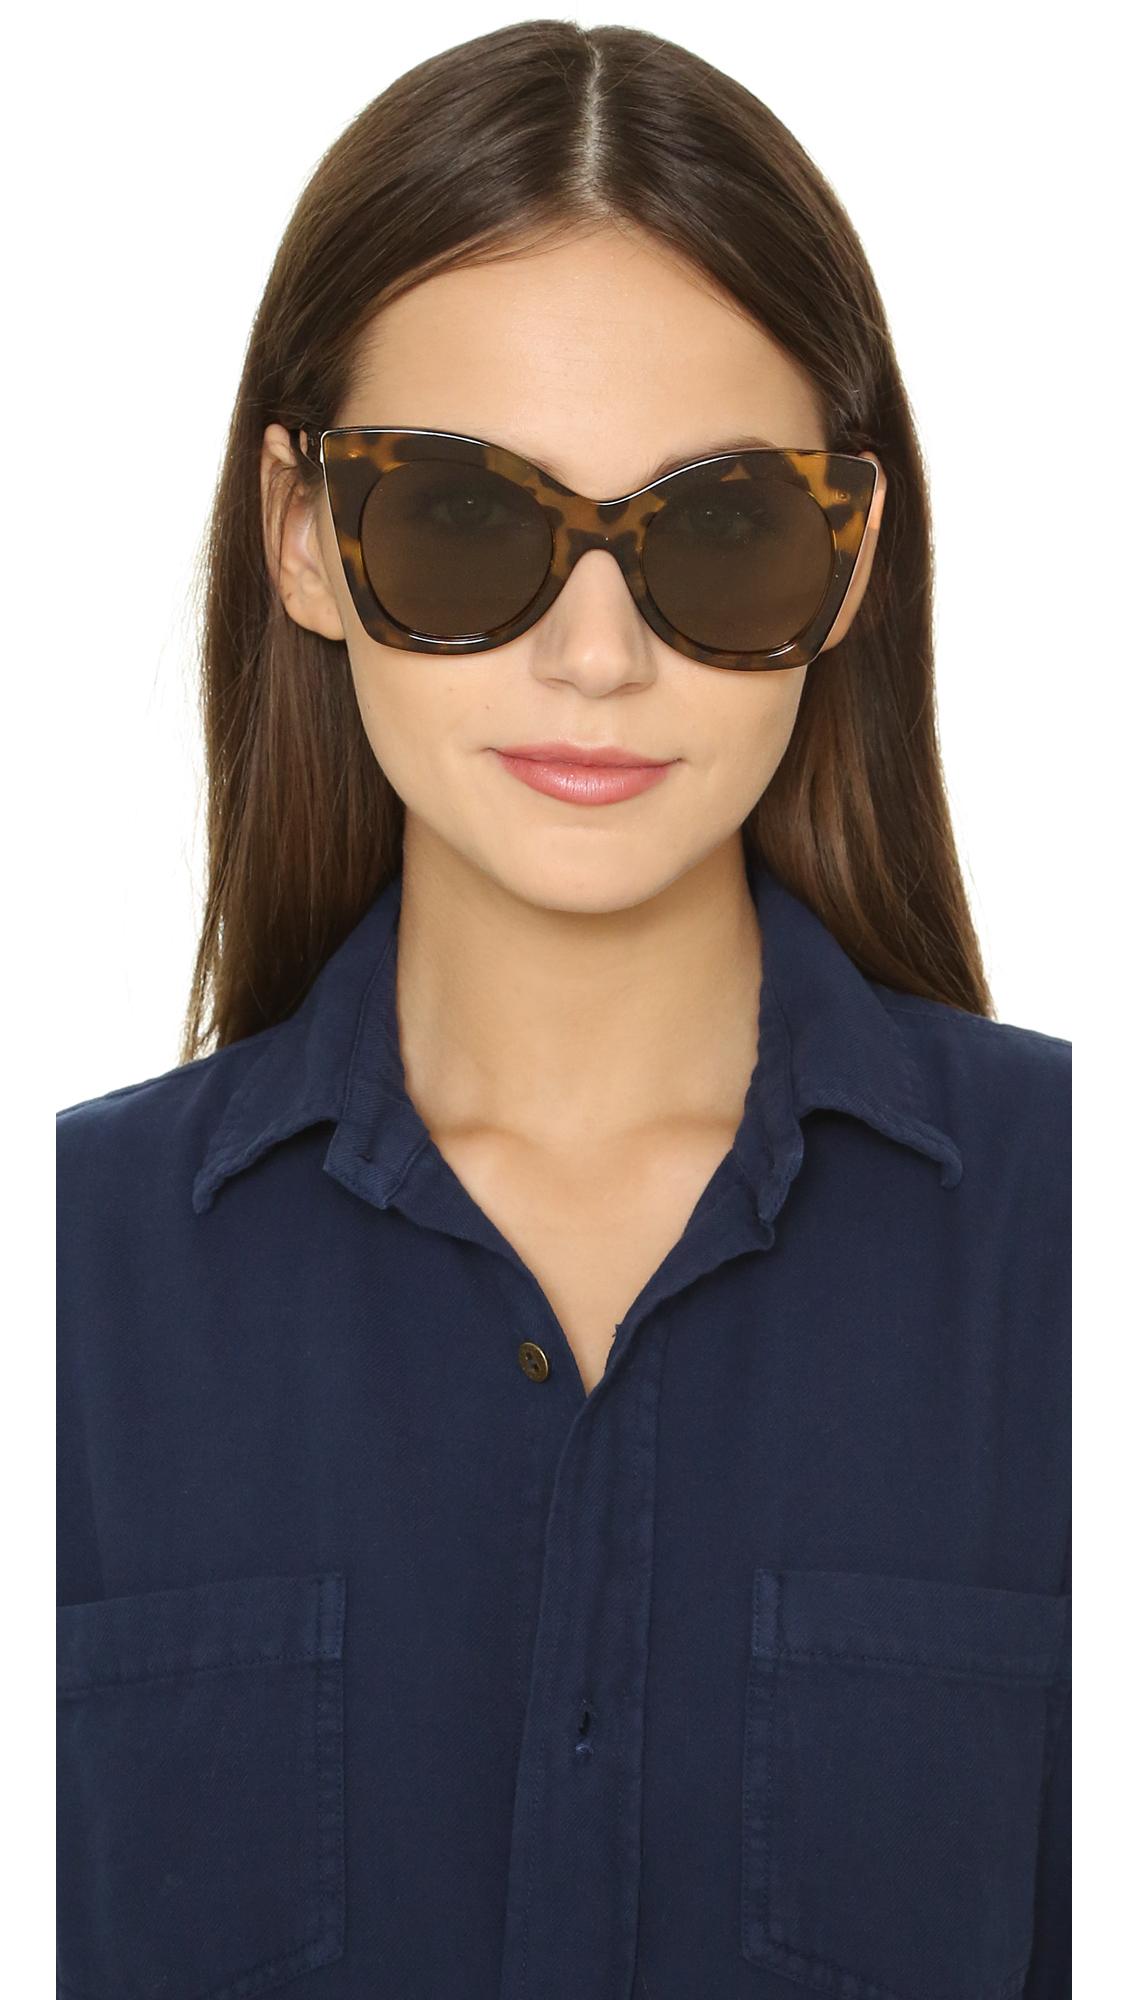 96a5c27e5e Lyst - Le Specs Savanna Sunglasses in Brown